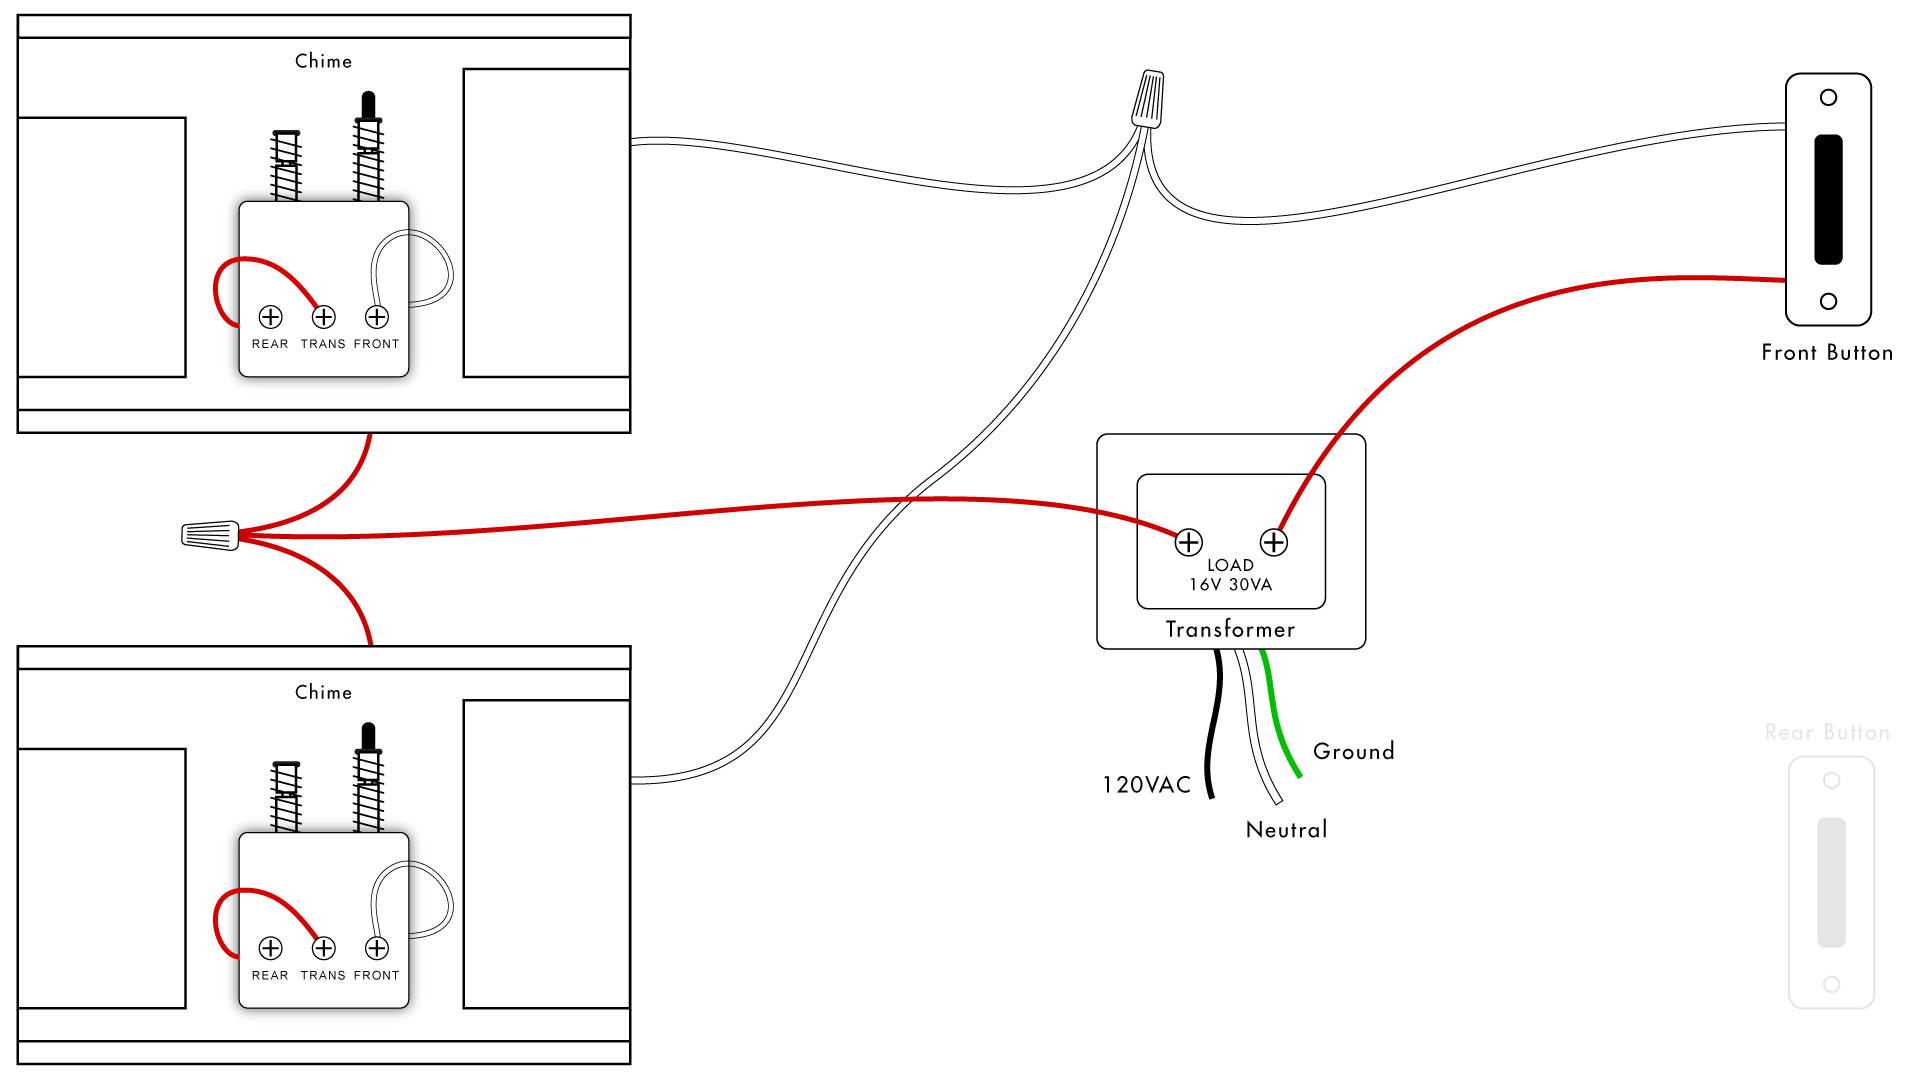 Doorbell Wiring Diagrams | Diy House Help - Door Bell Wiring Diagram